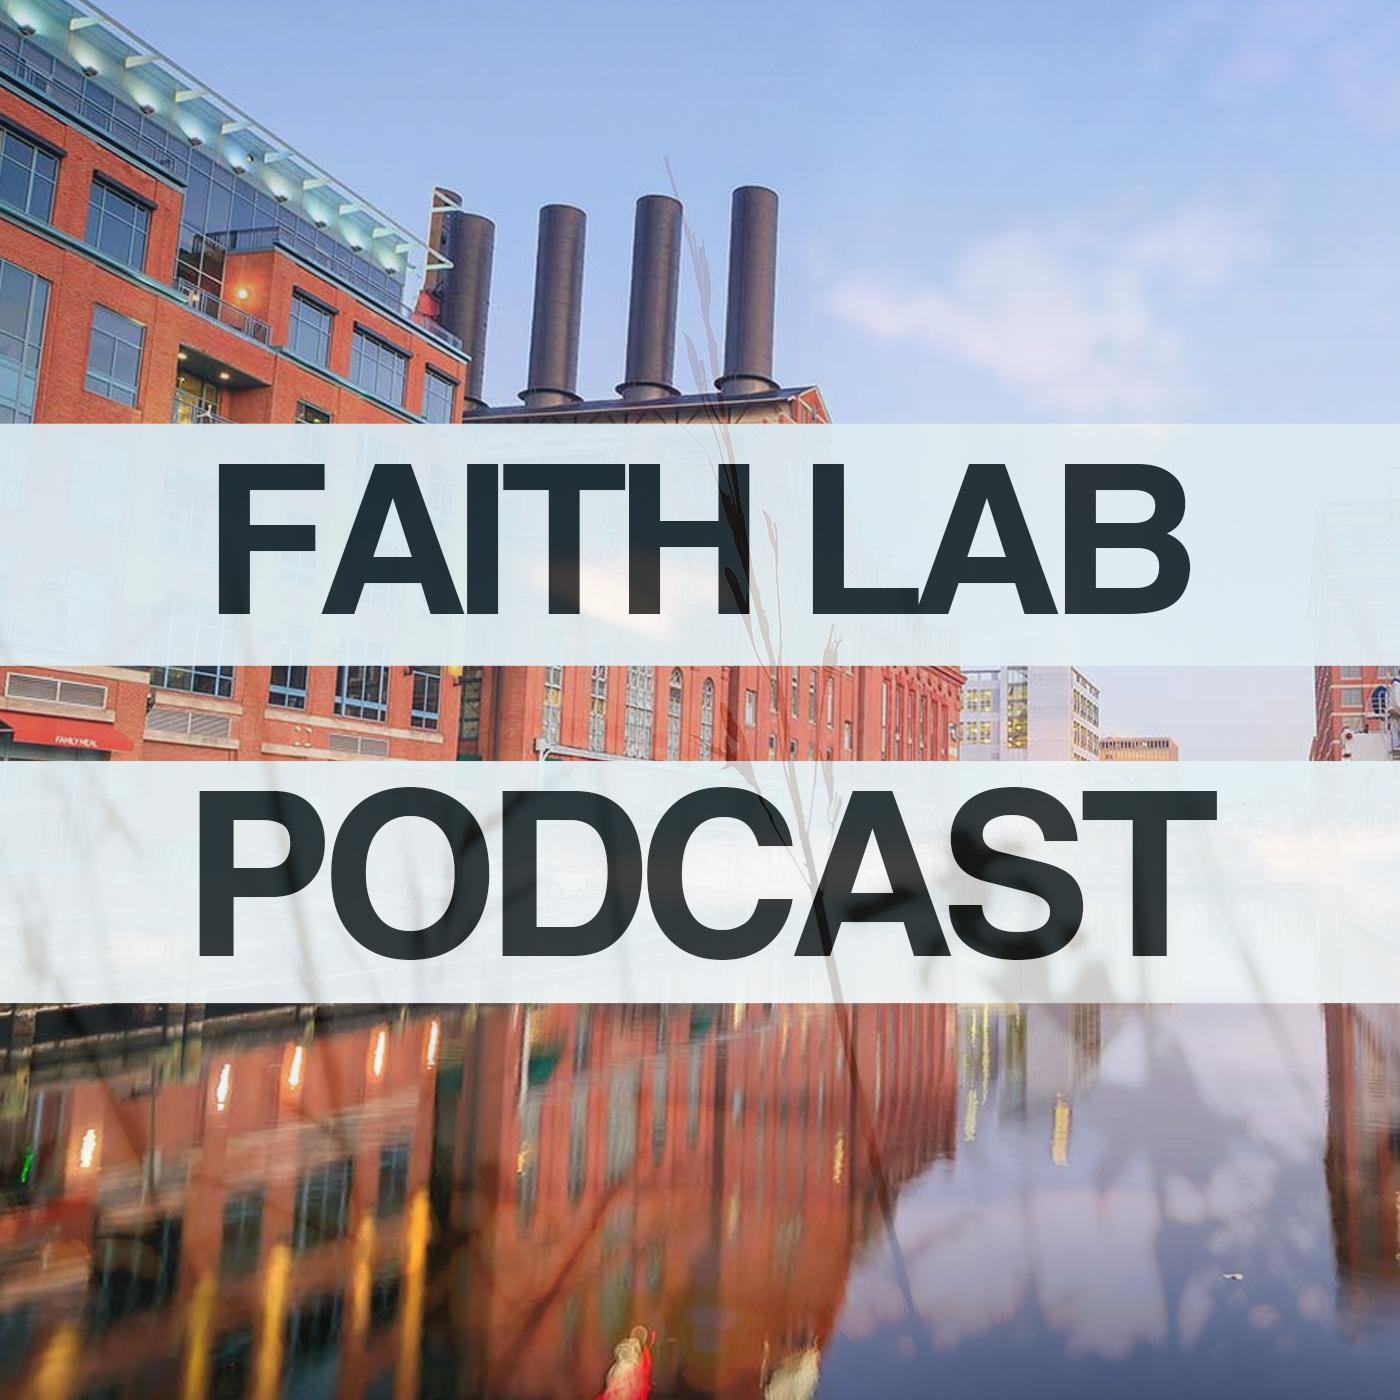 Faith Lab Podcast show art